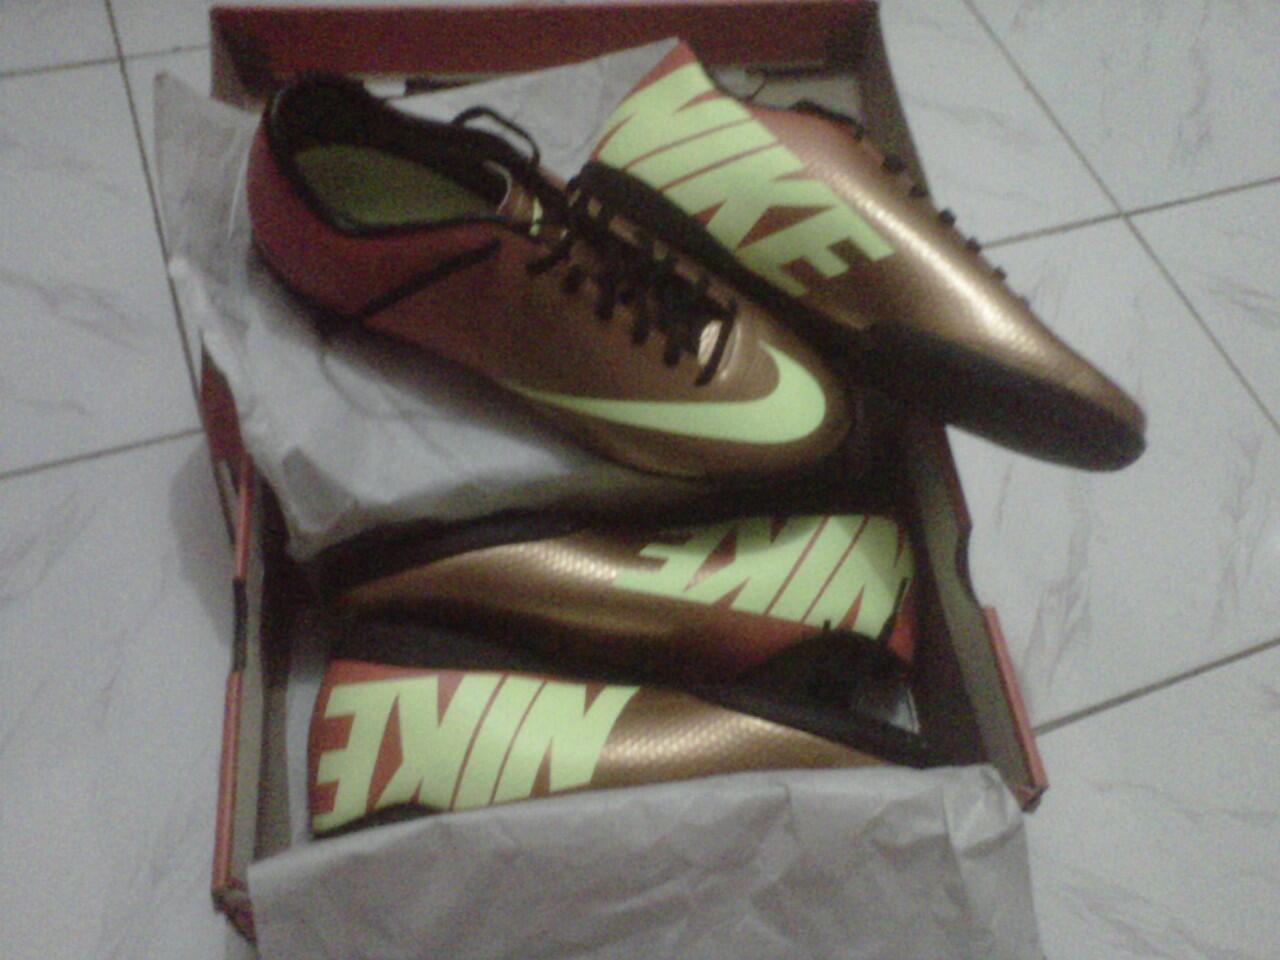 Jual [Lelang] Futsal Nike Mercurial victory IV IC sunset murmer gan,